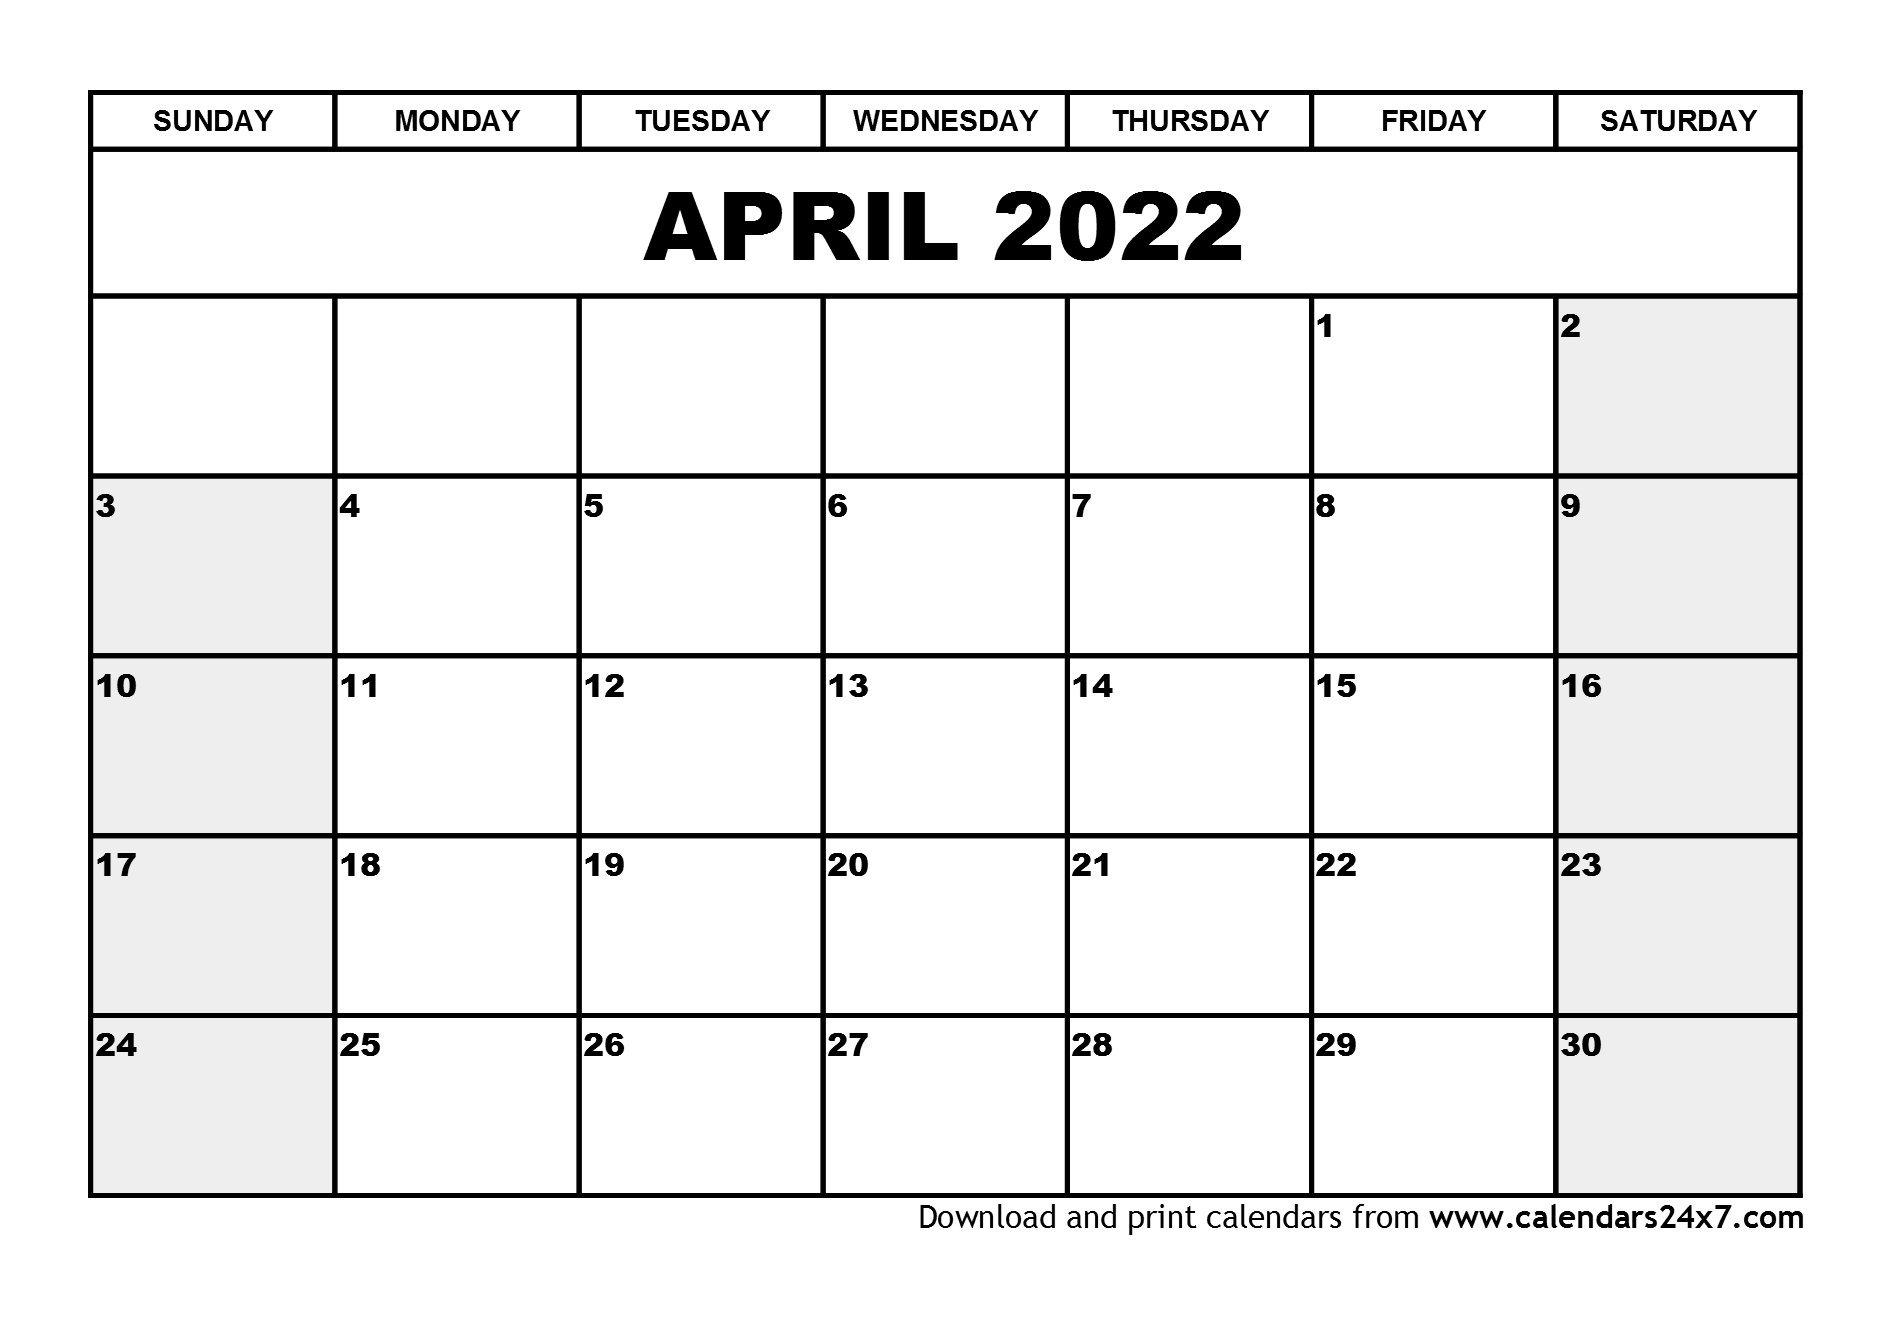 April 2022 Calendar & May 2022 Calendar regarding Print Calendar April 2022 Photo